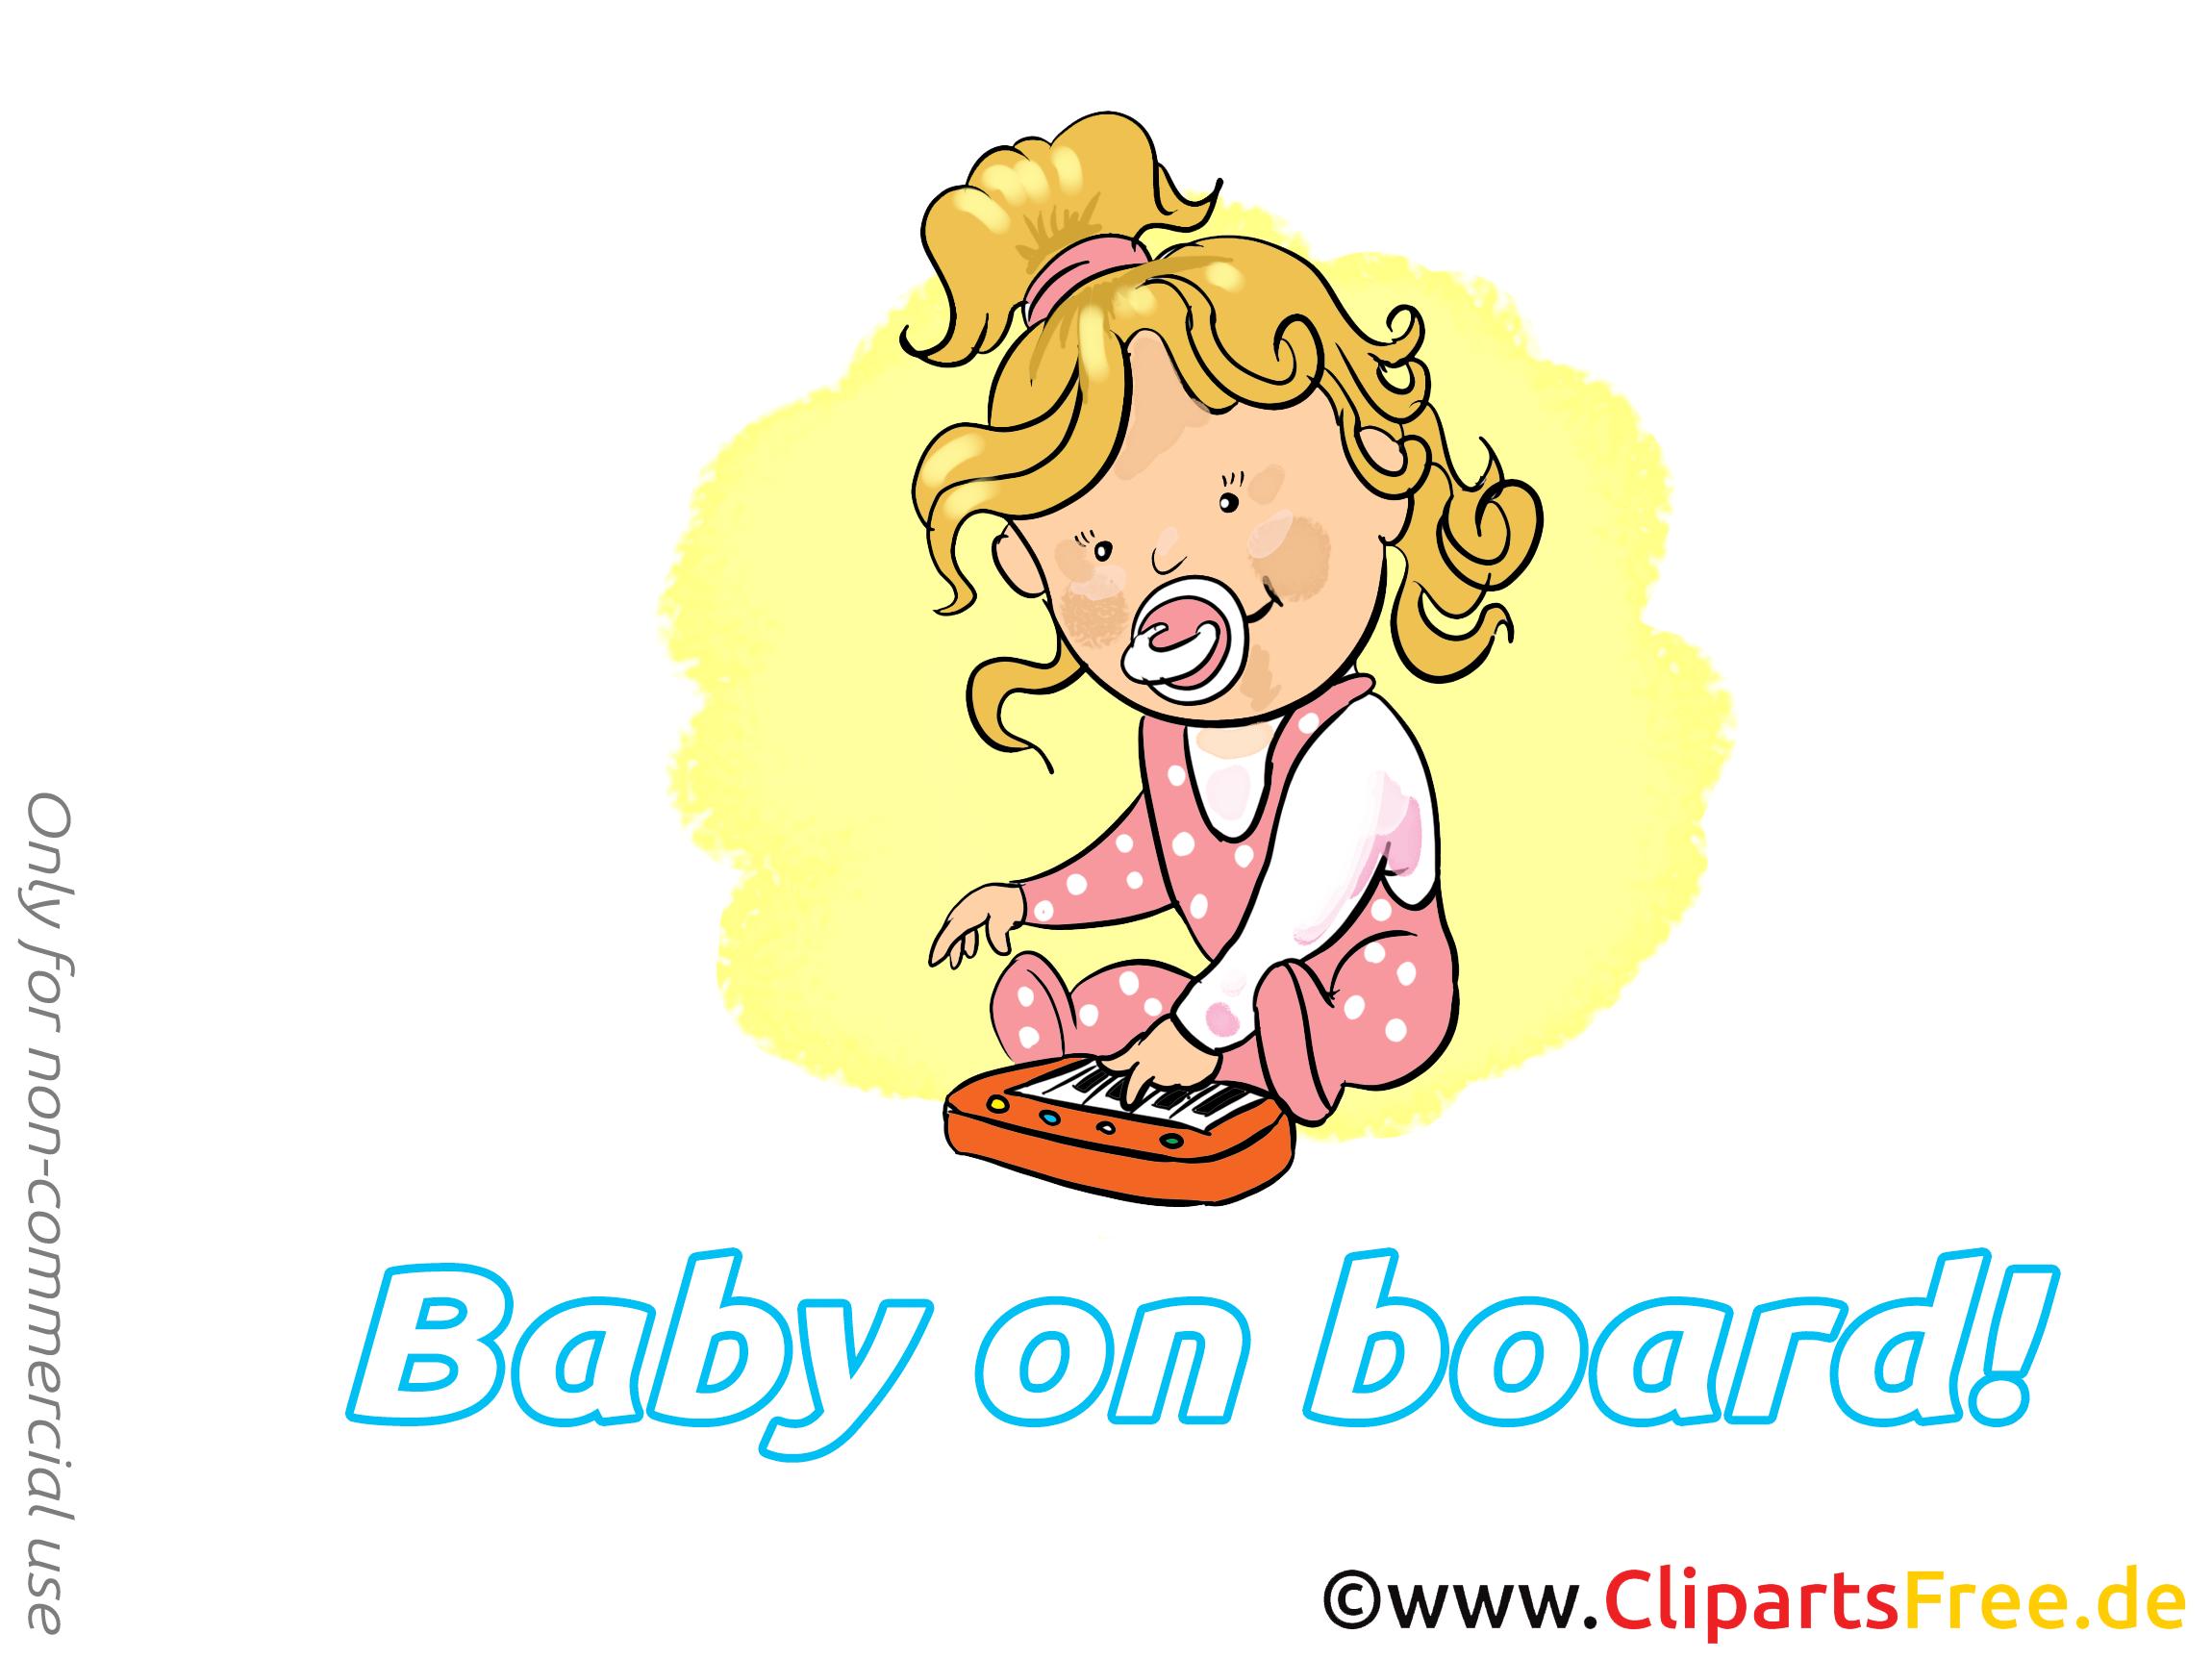 Piano images gratuites – Bébé à bord clipart